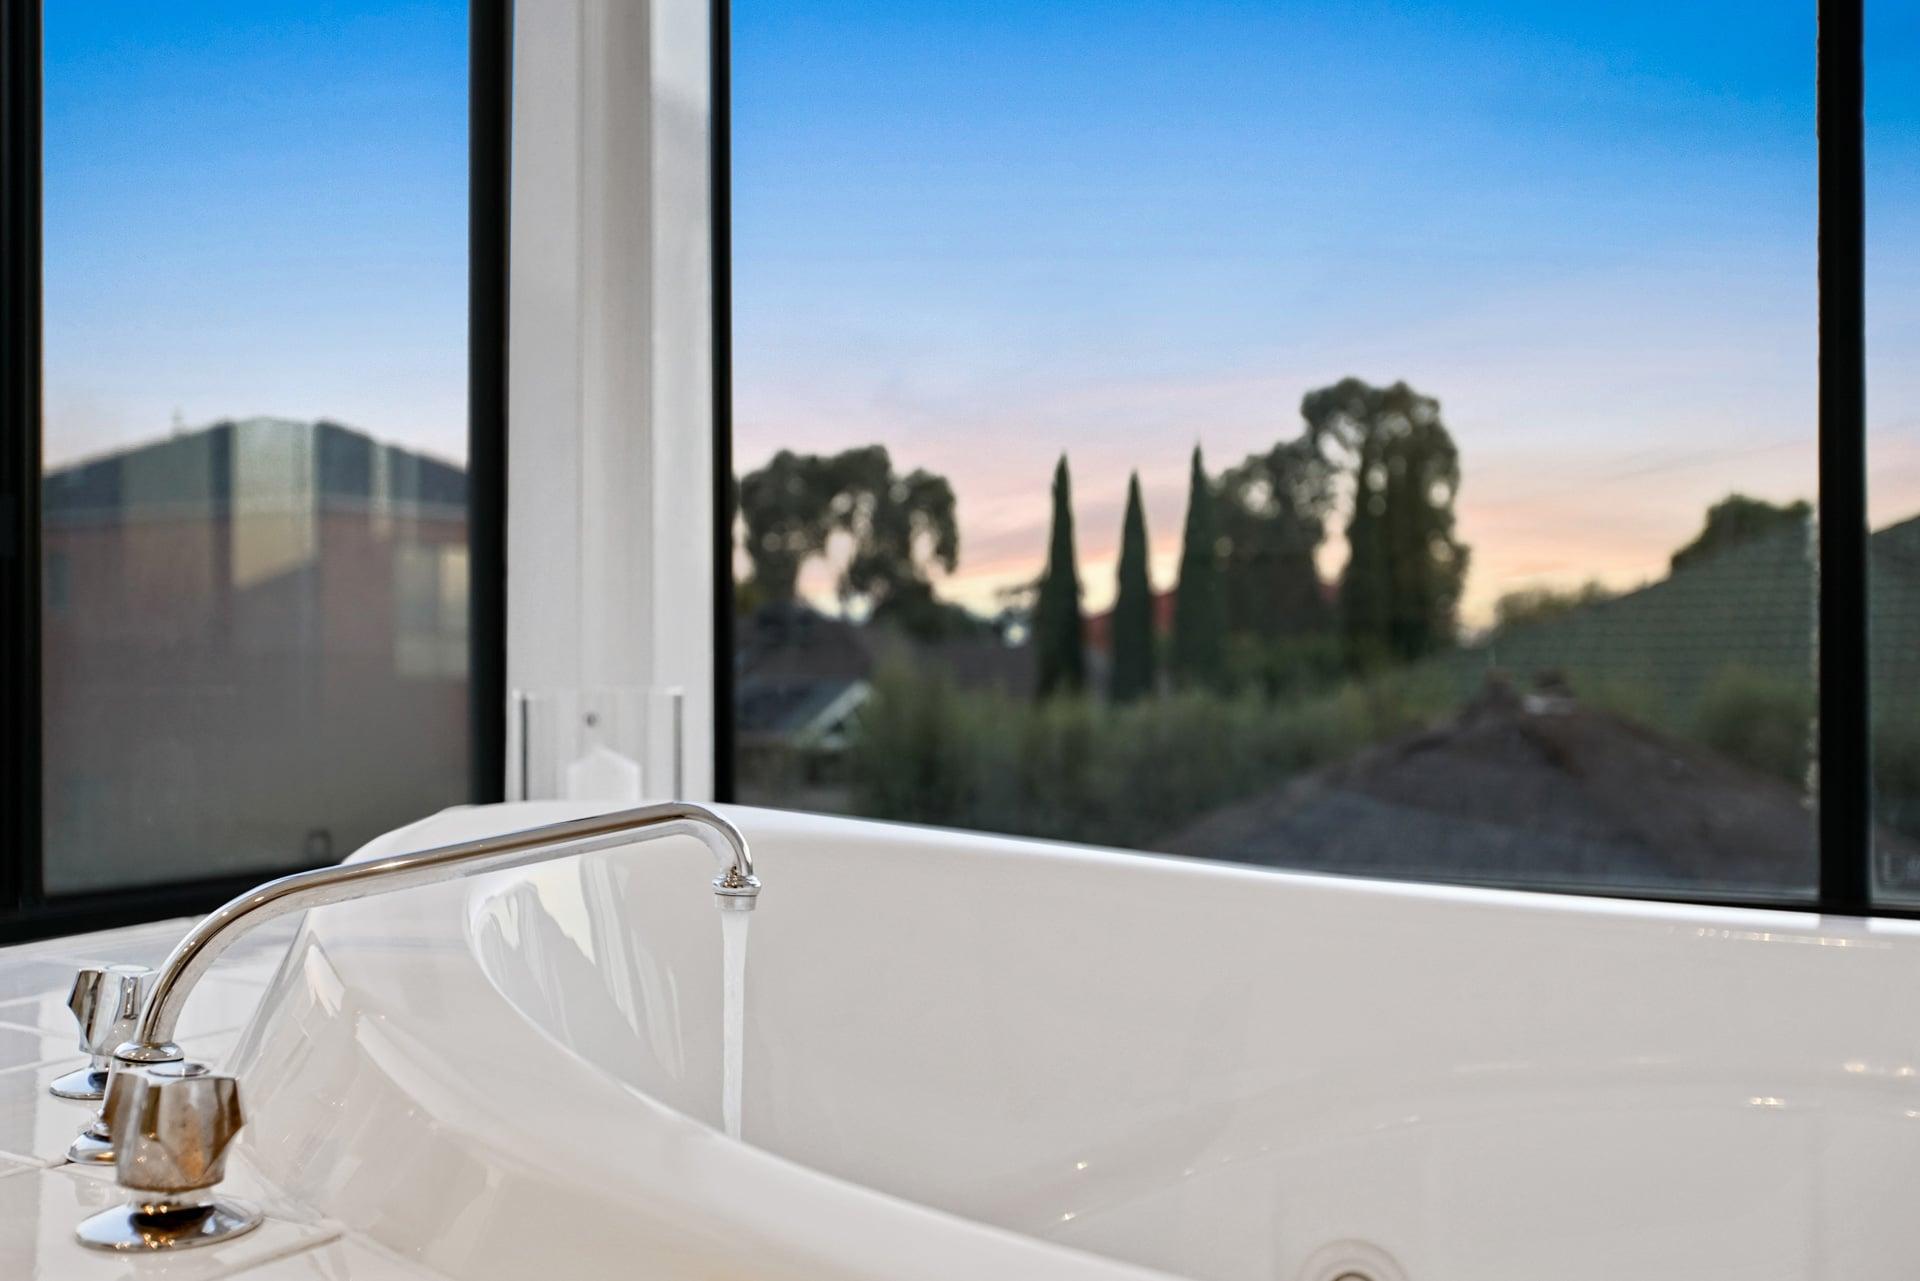 Photographie HDR d'une baignoire avec une vue sur l'extérieur.